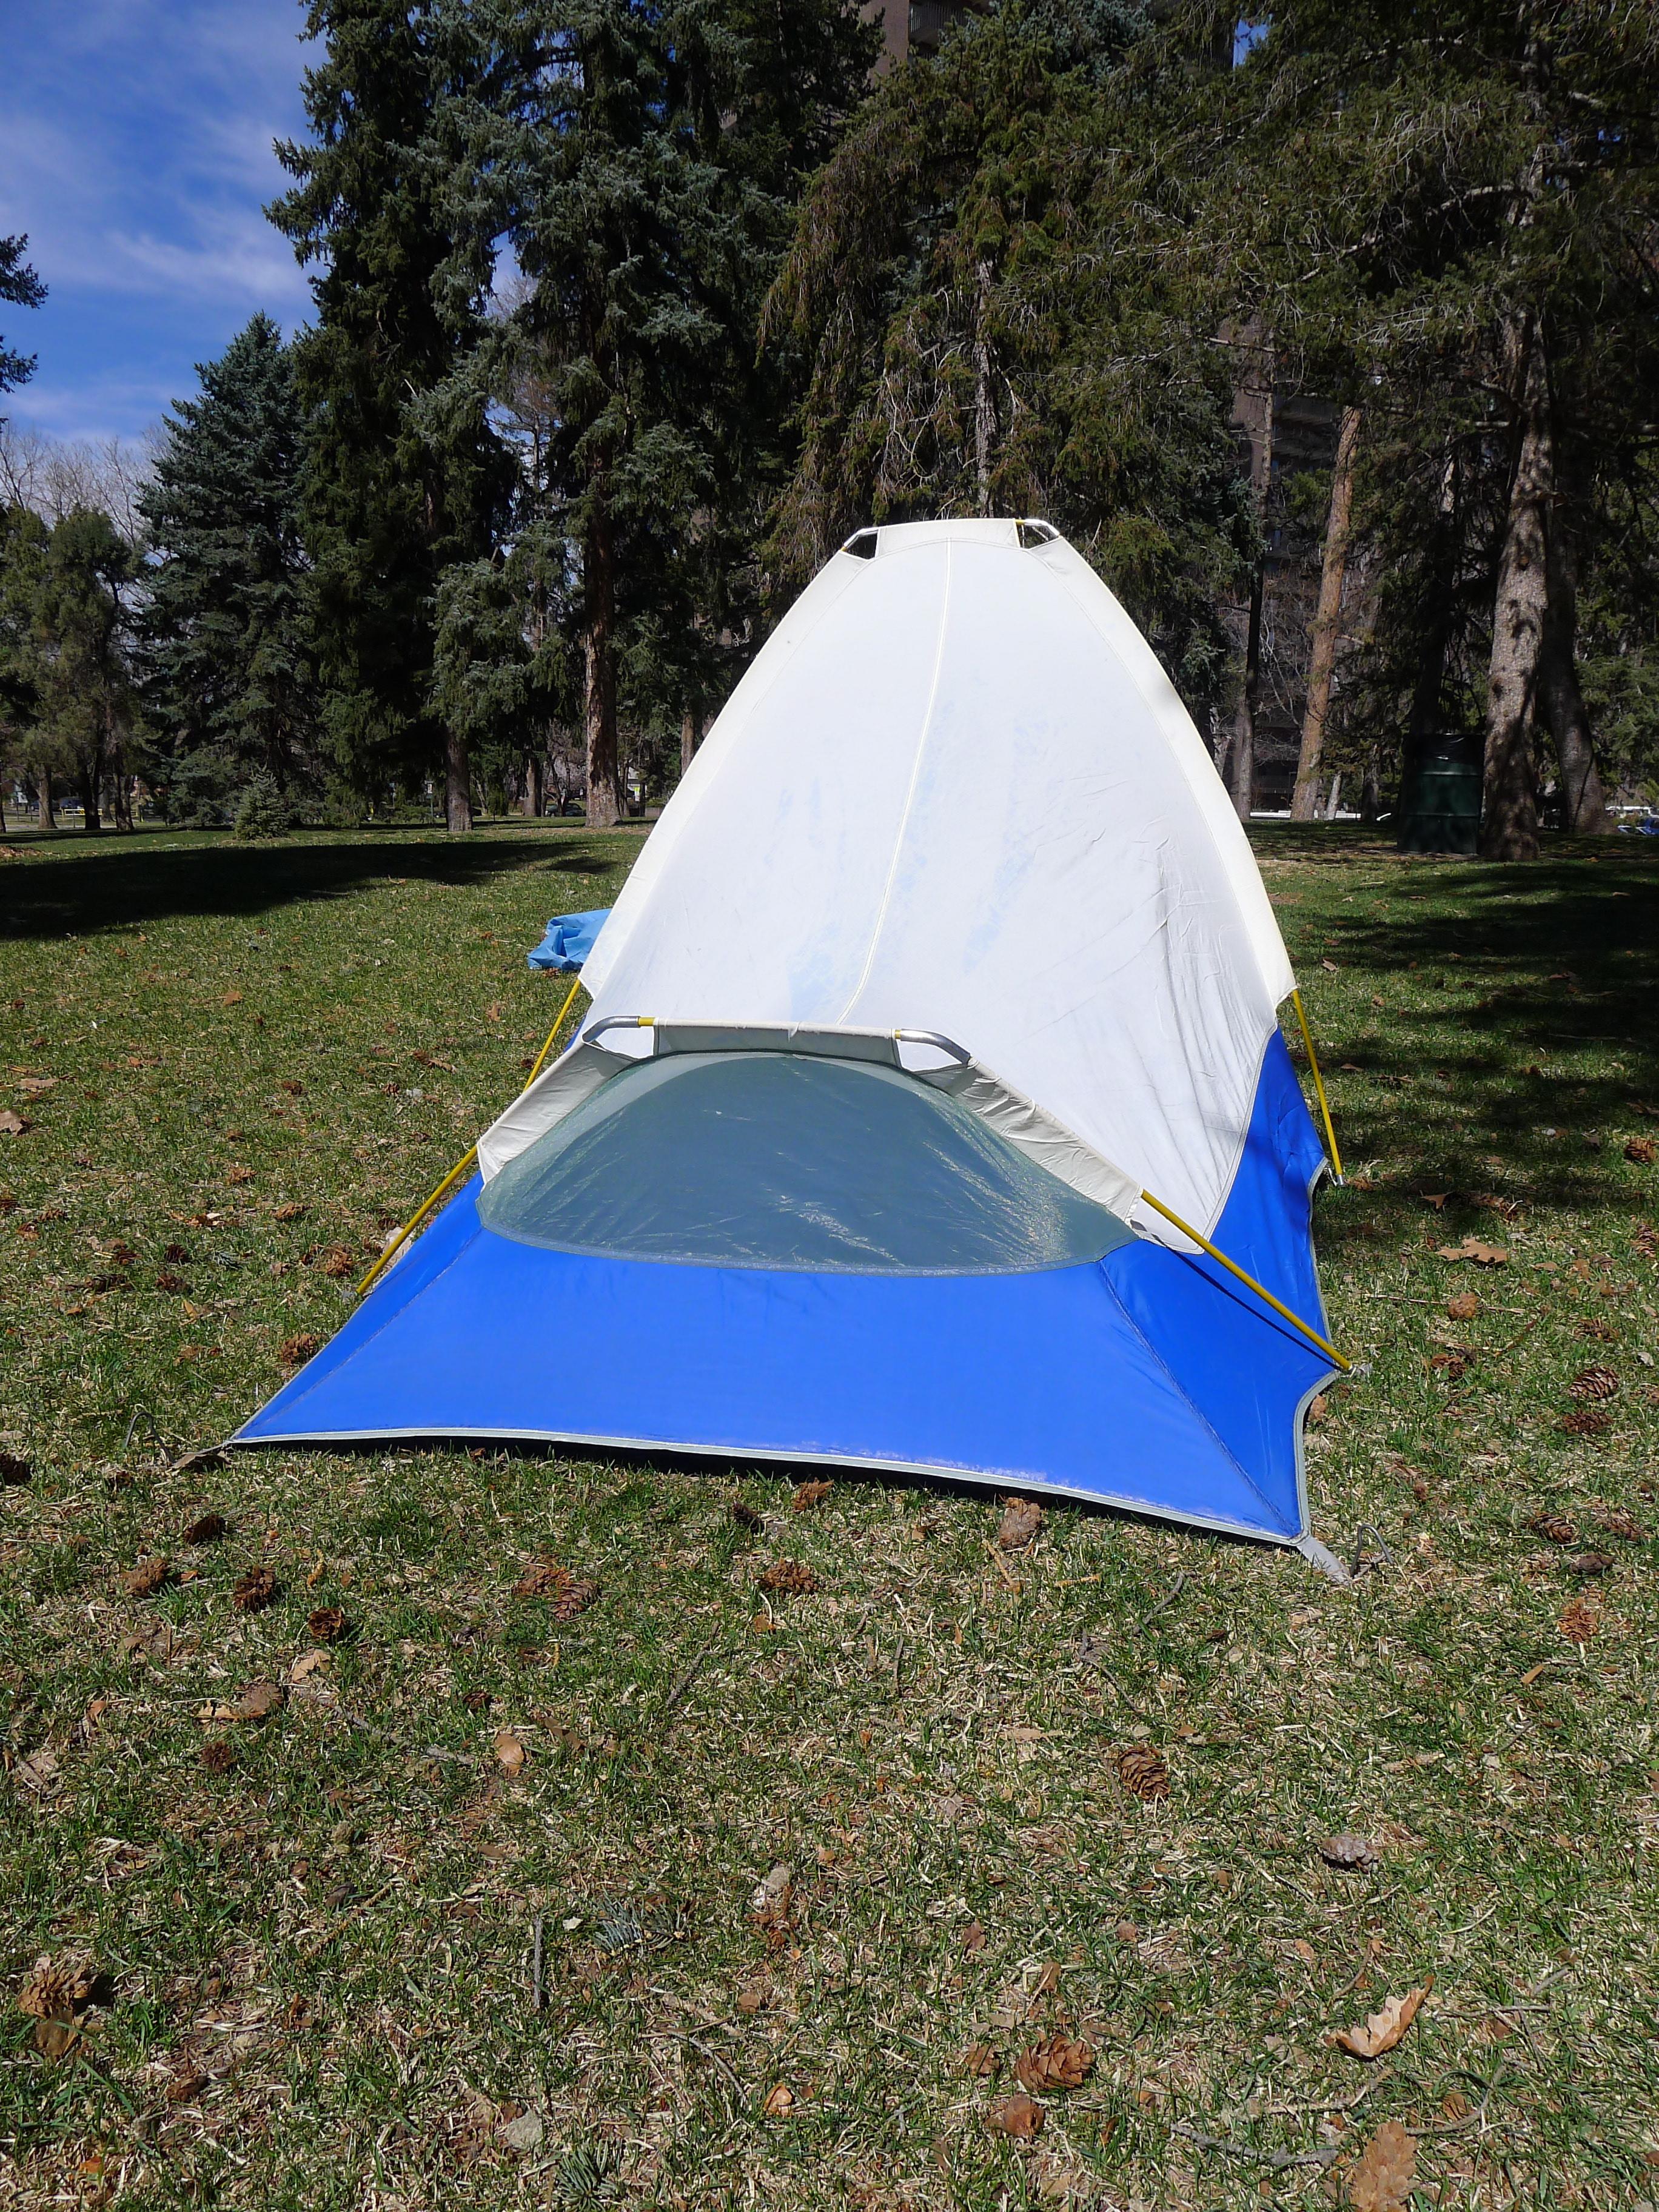 sierra designs single man backpacking tent oakland ca basecamp vintage archives. Black Bedroom Furniture Sets. Home Design Ideas